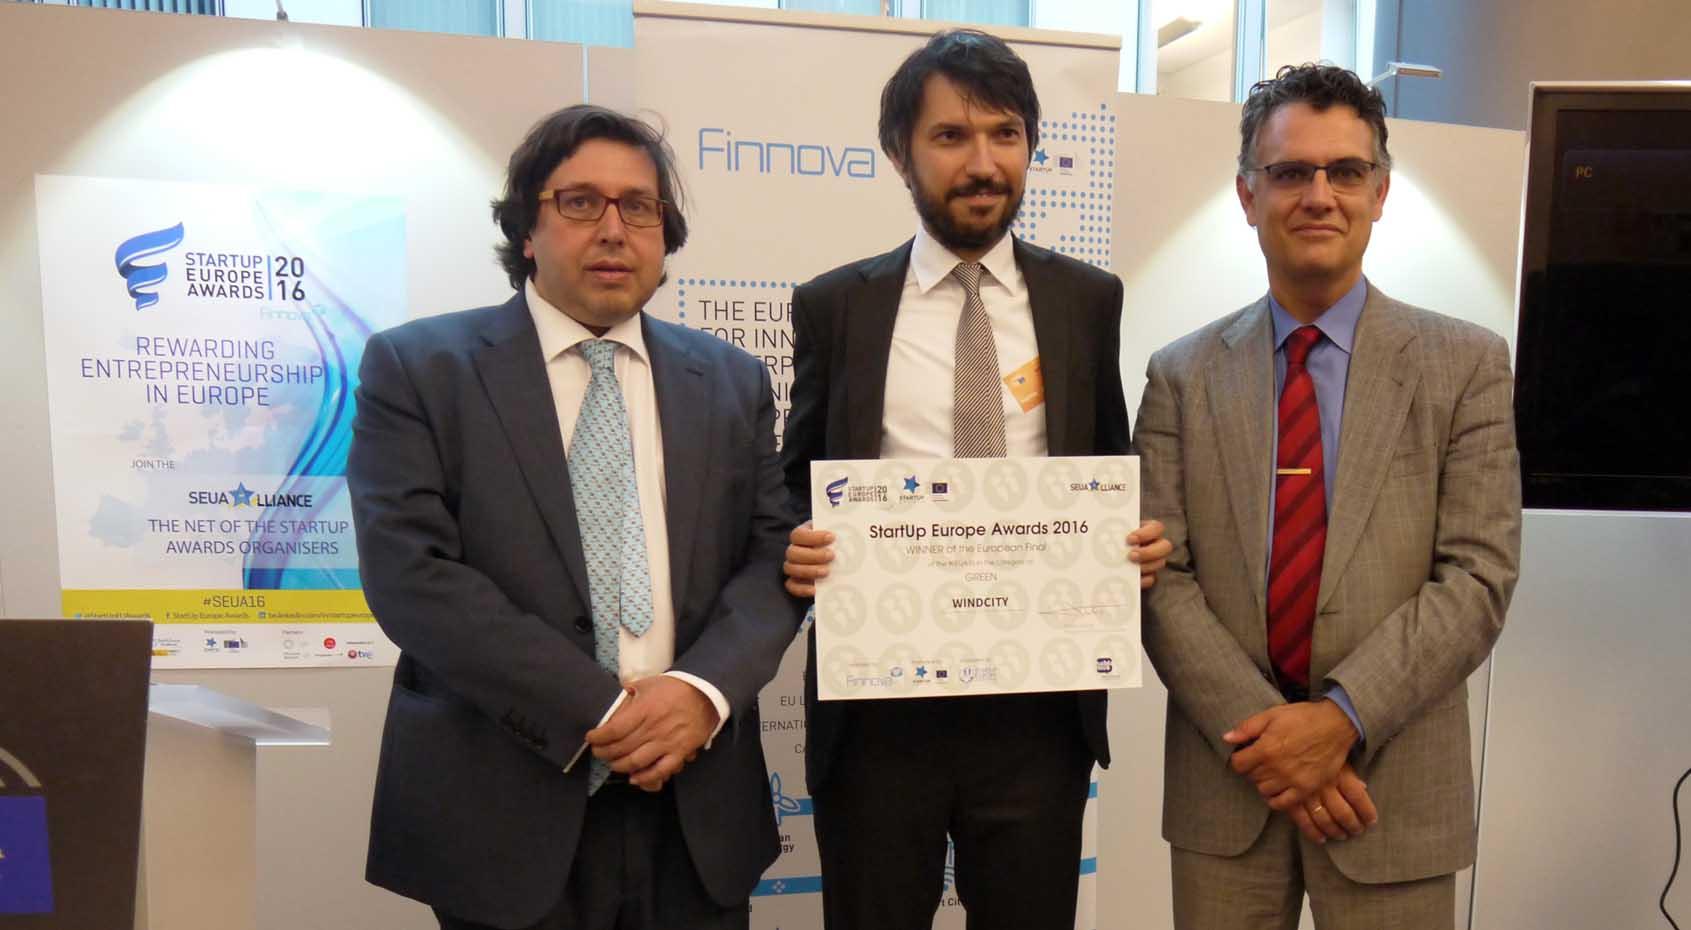 startup pale eoliche trentino sviluppo vince eurovision contest innovazione